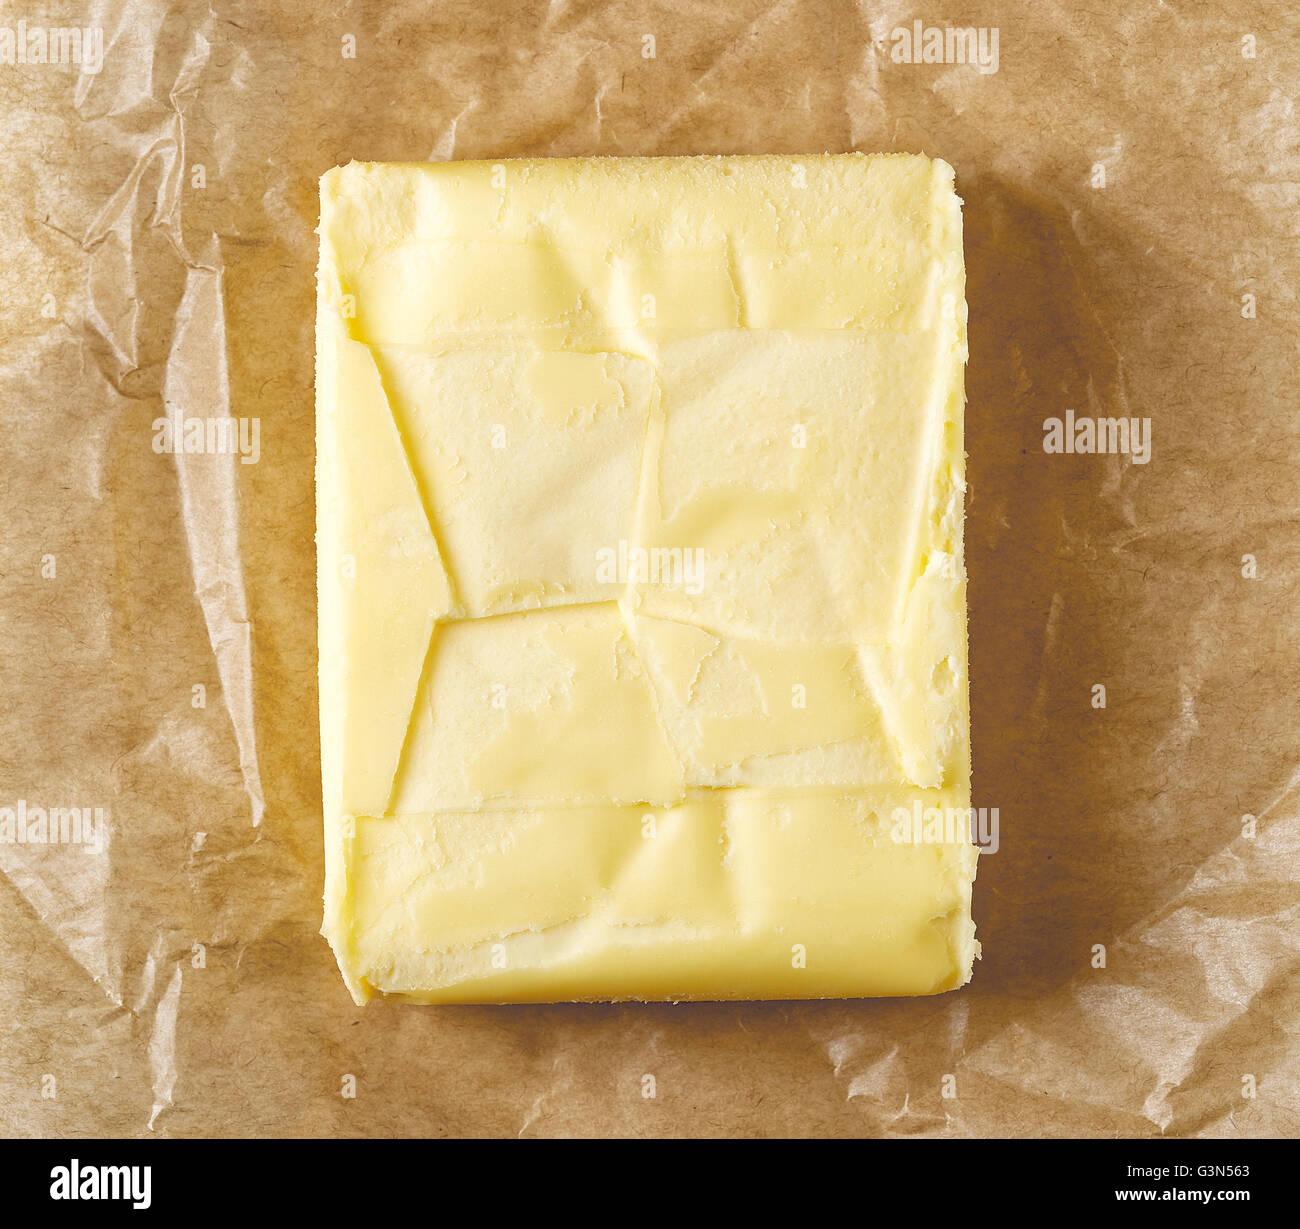 Frische Butter auf Pergament Papier, Ansicht von oben Stockbild